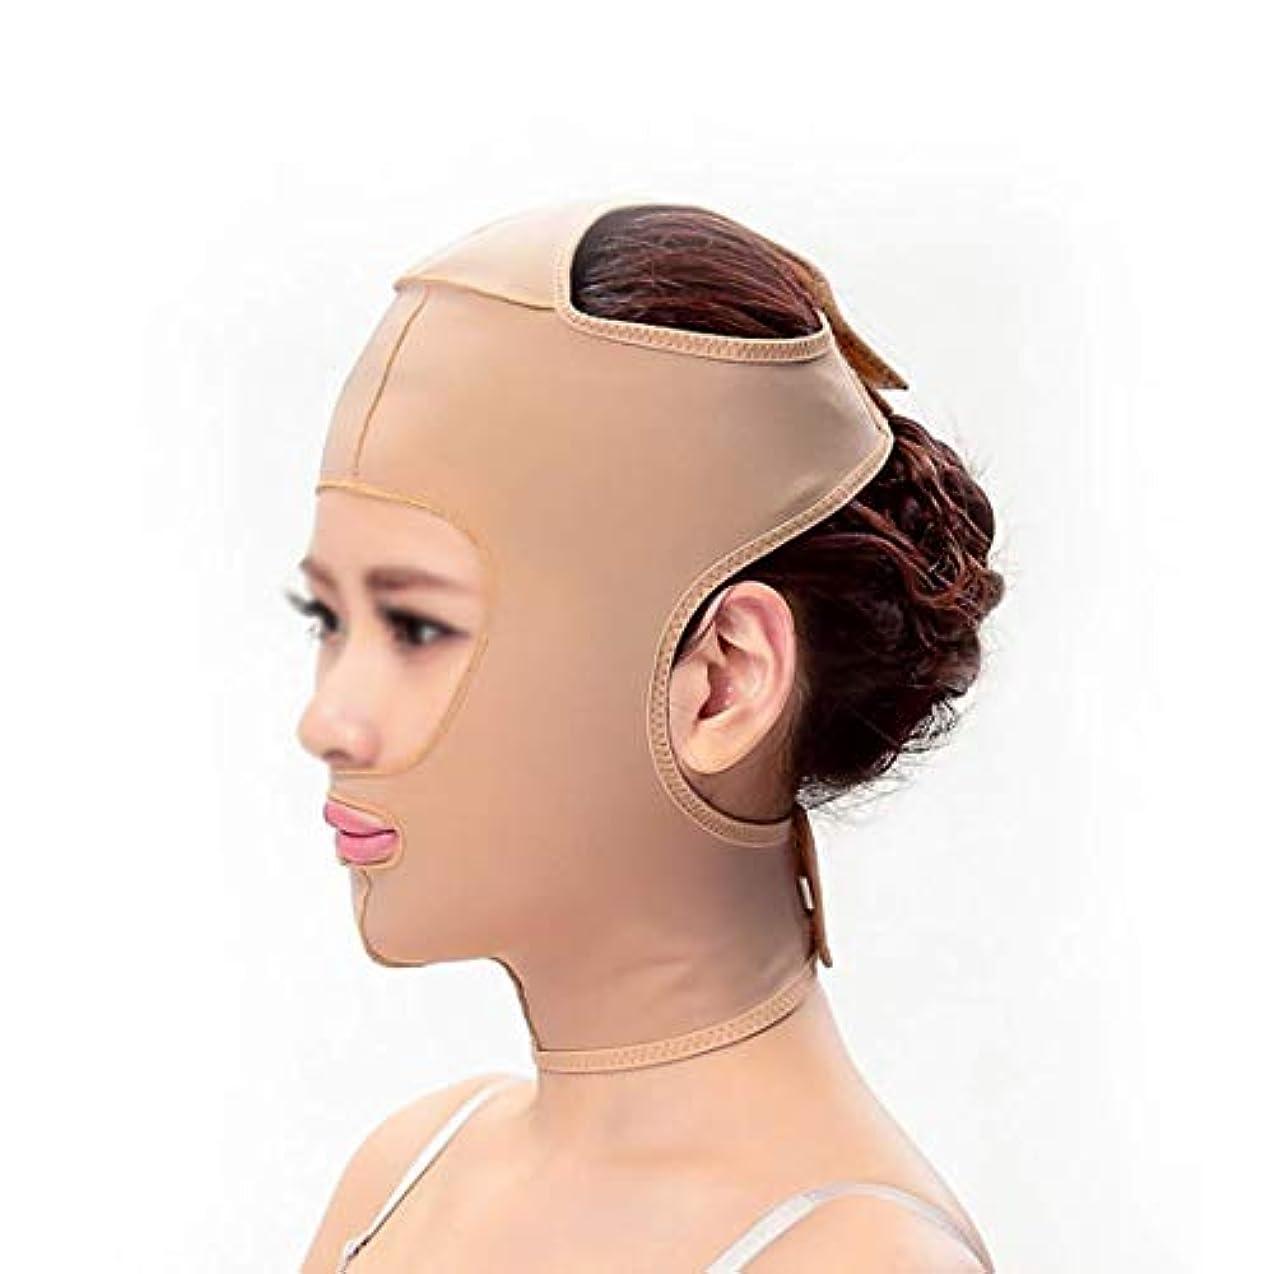 面倒ヒステリック時々スリミングベルト、フェイシャルマスク薄いフェイスマスク布布パターンを持ち上げるダブルあご引き締めフェイシャルプラスチック顔アーティファクト強力な顔包帯(サイズ:XXL)